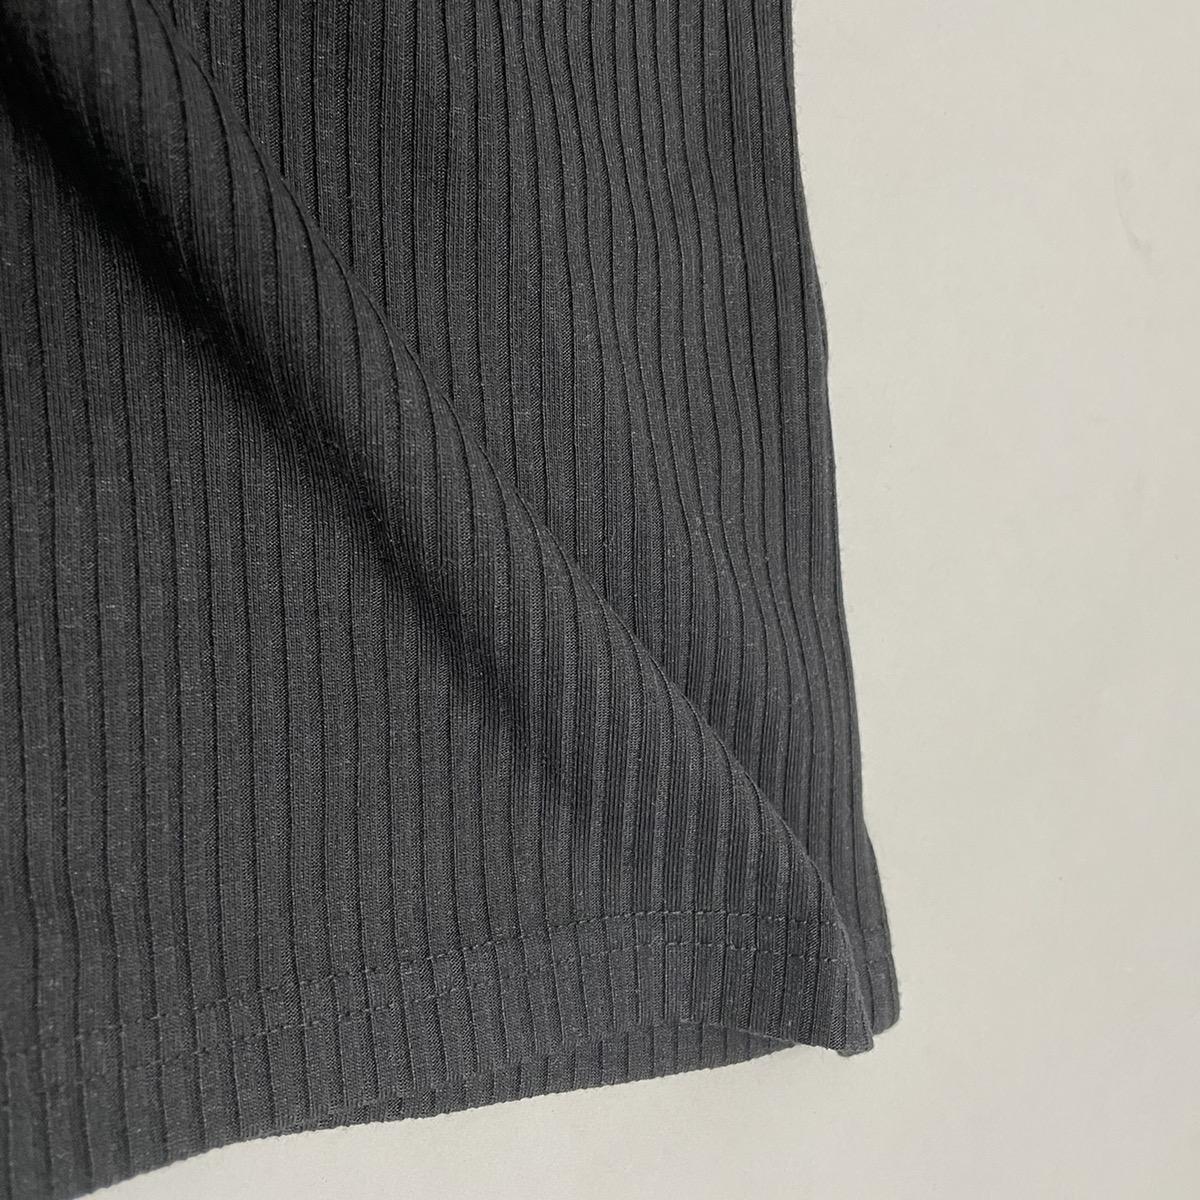 【7/12再入荷】【ネコポス送料無料】パット付きVネックキャミソール